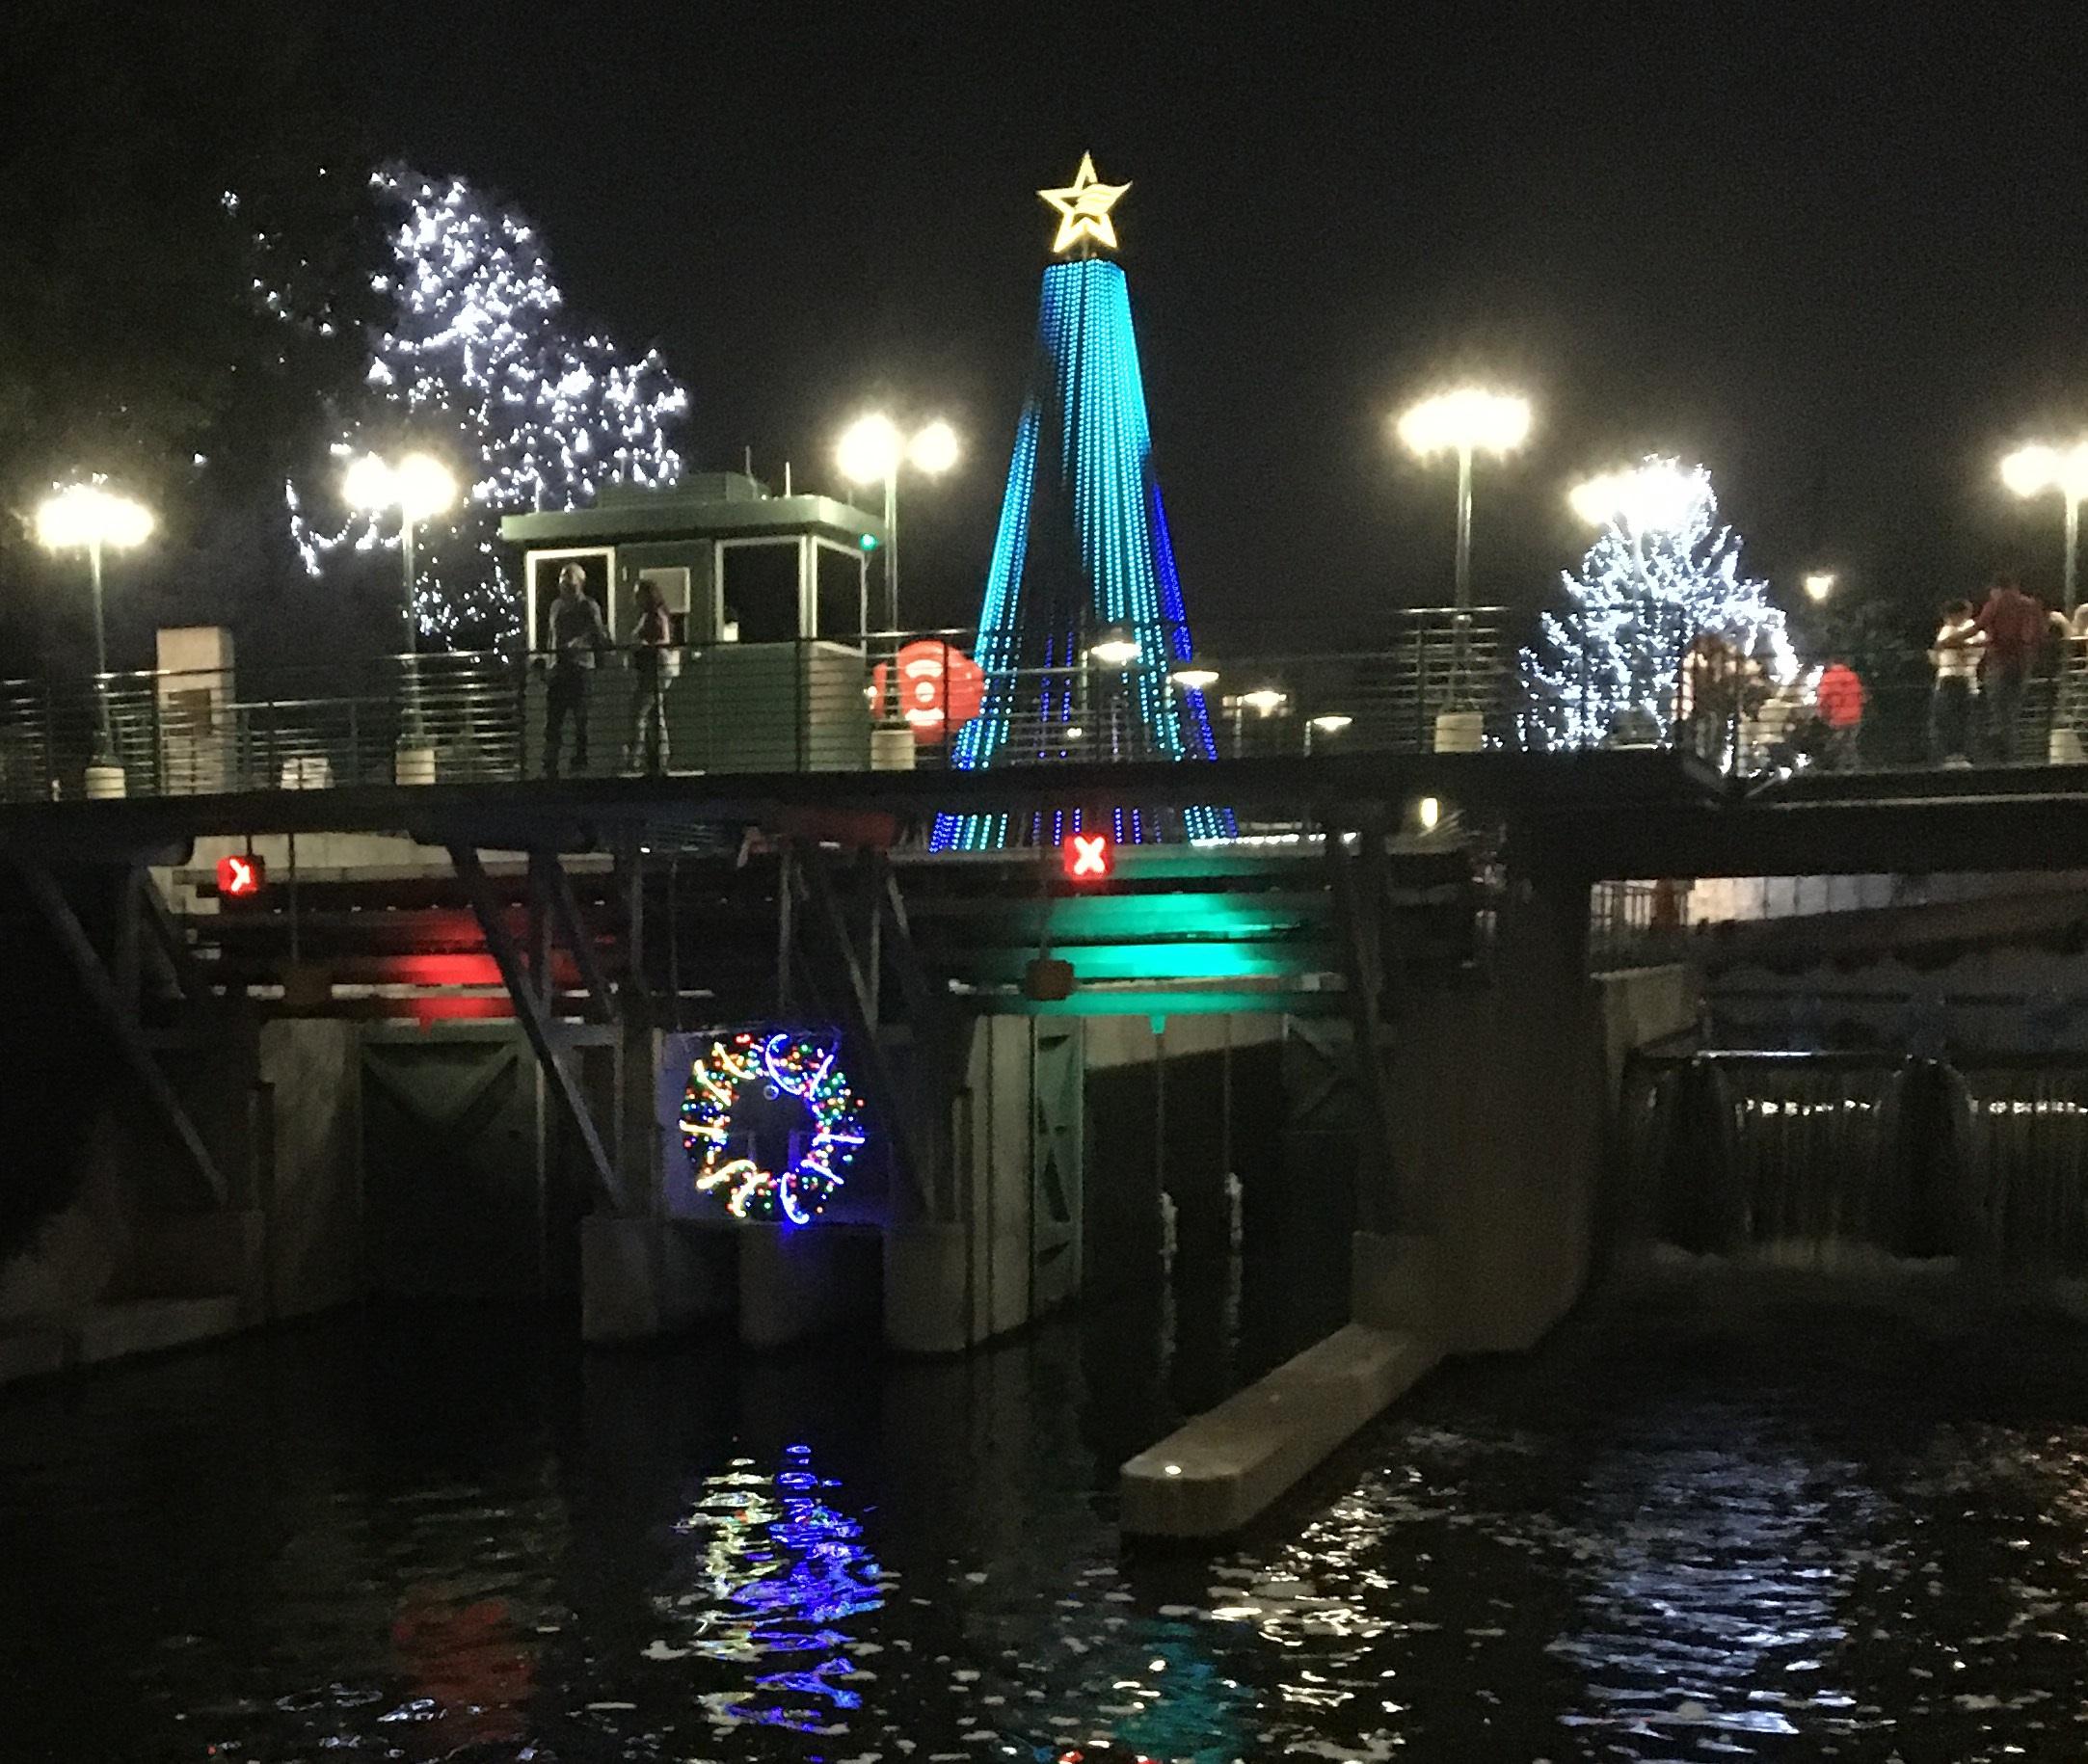 Do You Wanna See Some Christmas Lights?